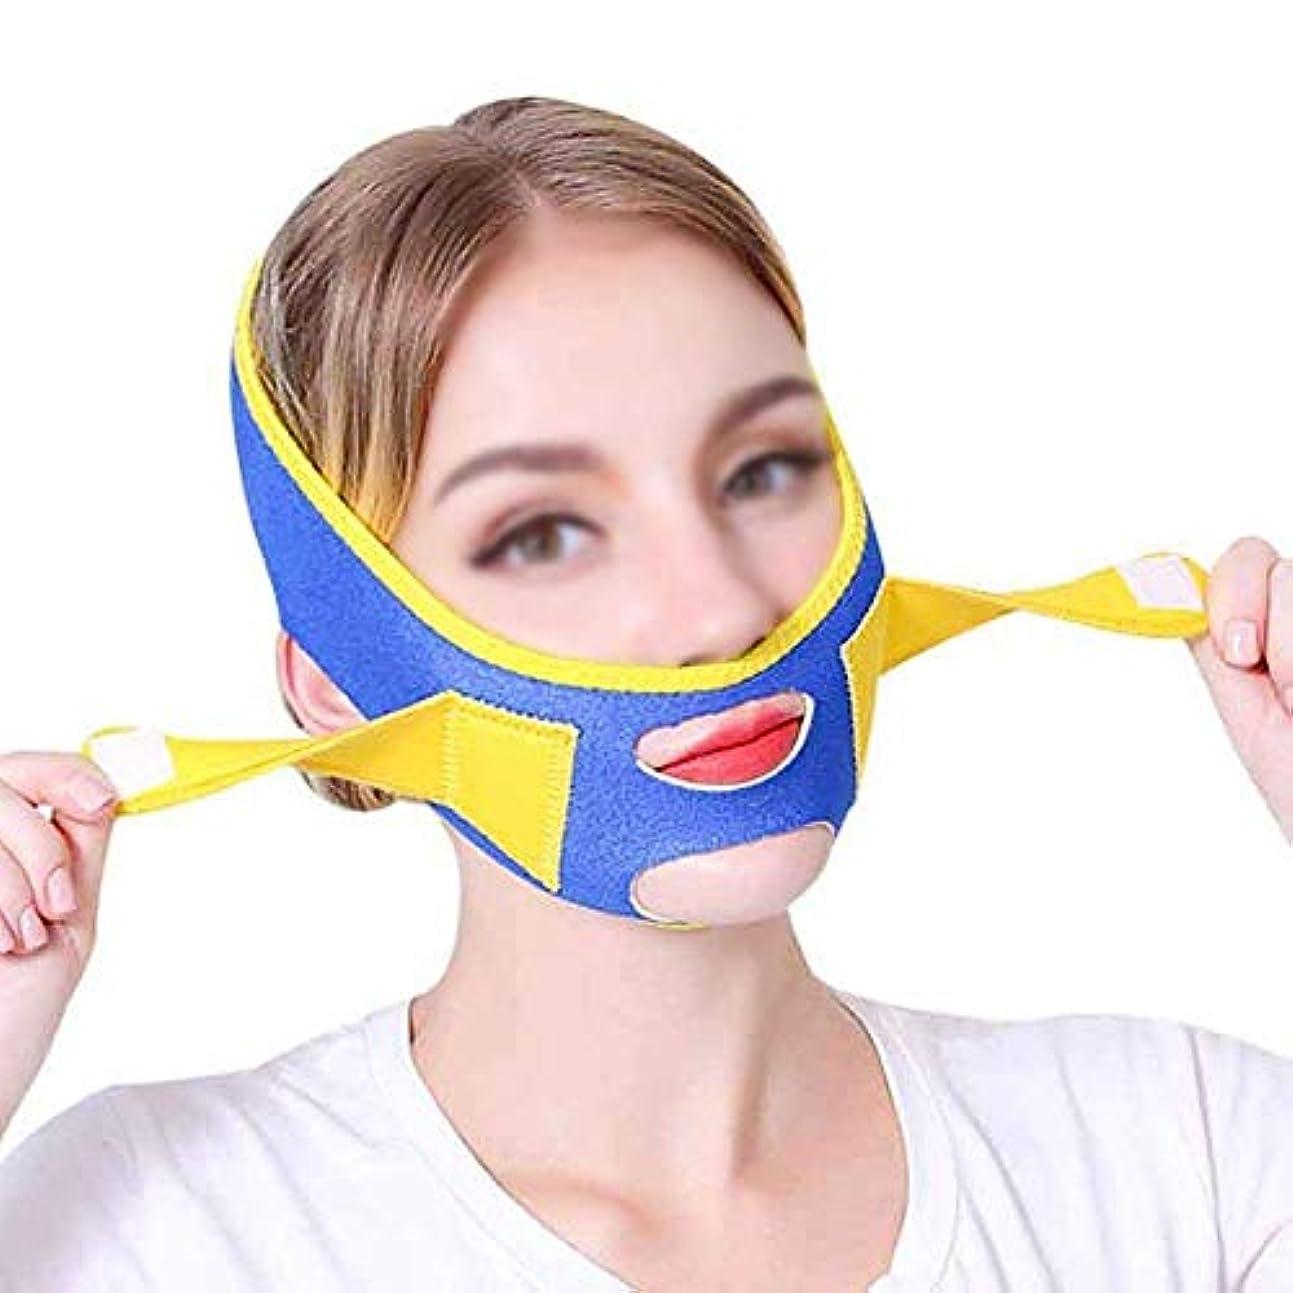 間違えたハリケーン悪名高いフェイスリフトマスク、あごひも回復包帯薄いフェイスマスクVフェイスステッカーフェイスリフトステッカー韓国本物のリフティング引き締め引き締め成形薄いダブルチンフェイスリフト睡眠包帯アーティファクト